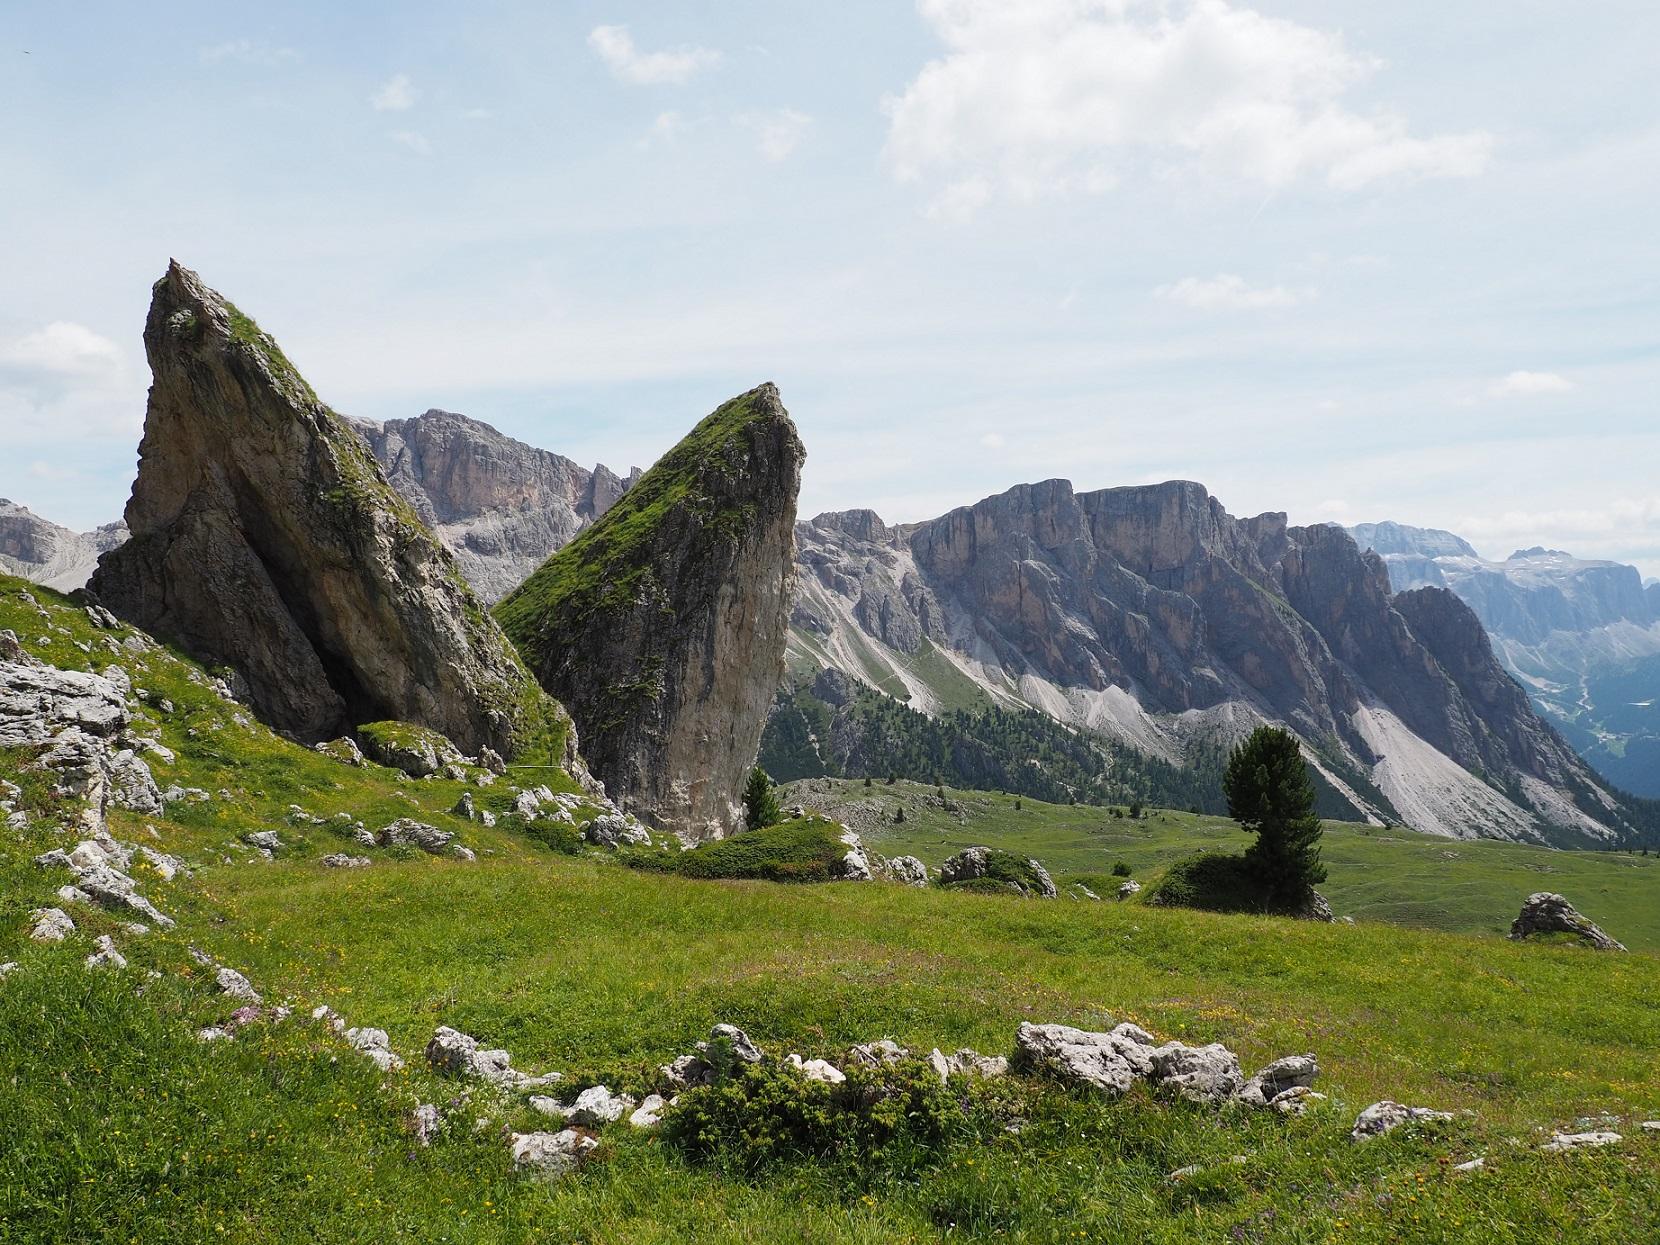 Pieralongia non loin de Seceda dans les Dolomites